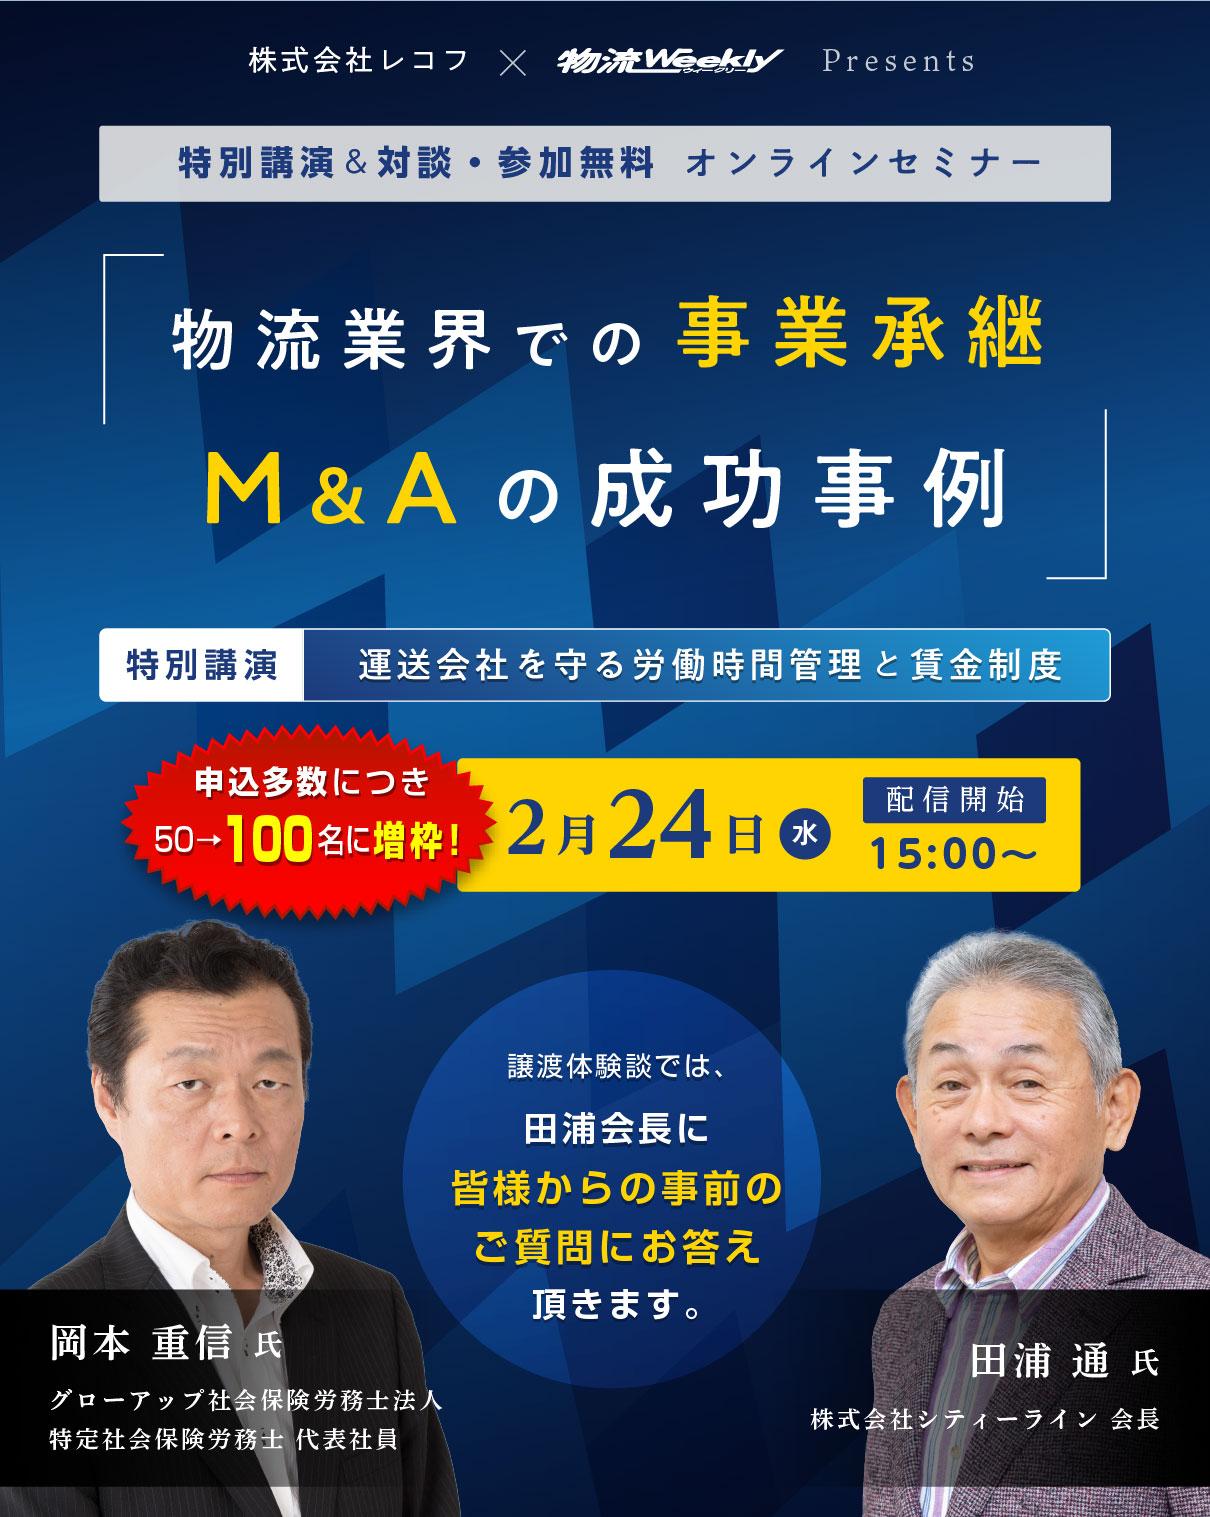 オンラインセミナー『物流業界での事業承継・M&Aの成功事例』特別講演&対談、2月24日(水)配信。